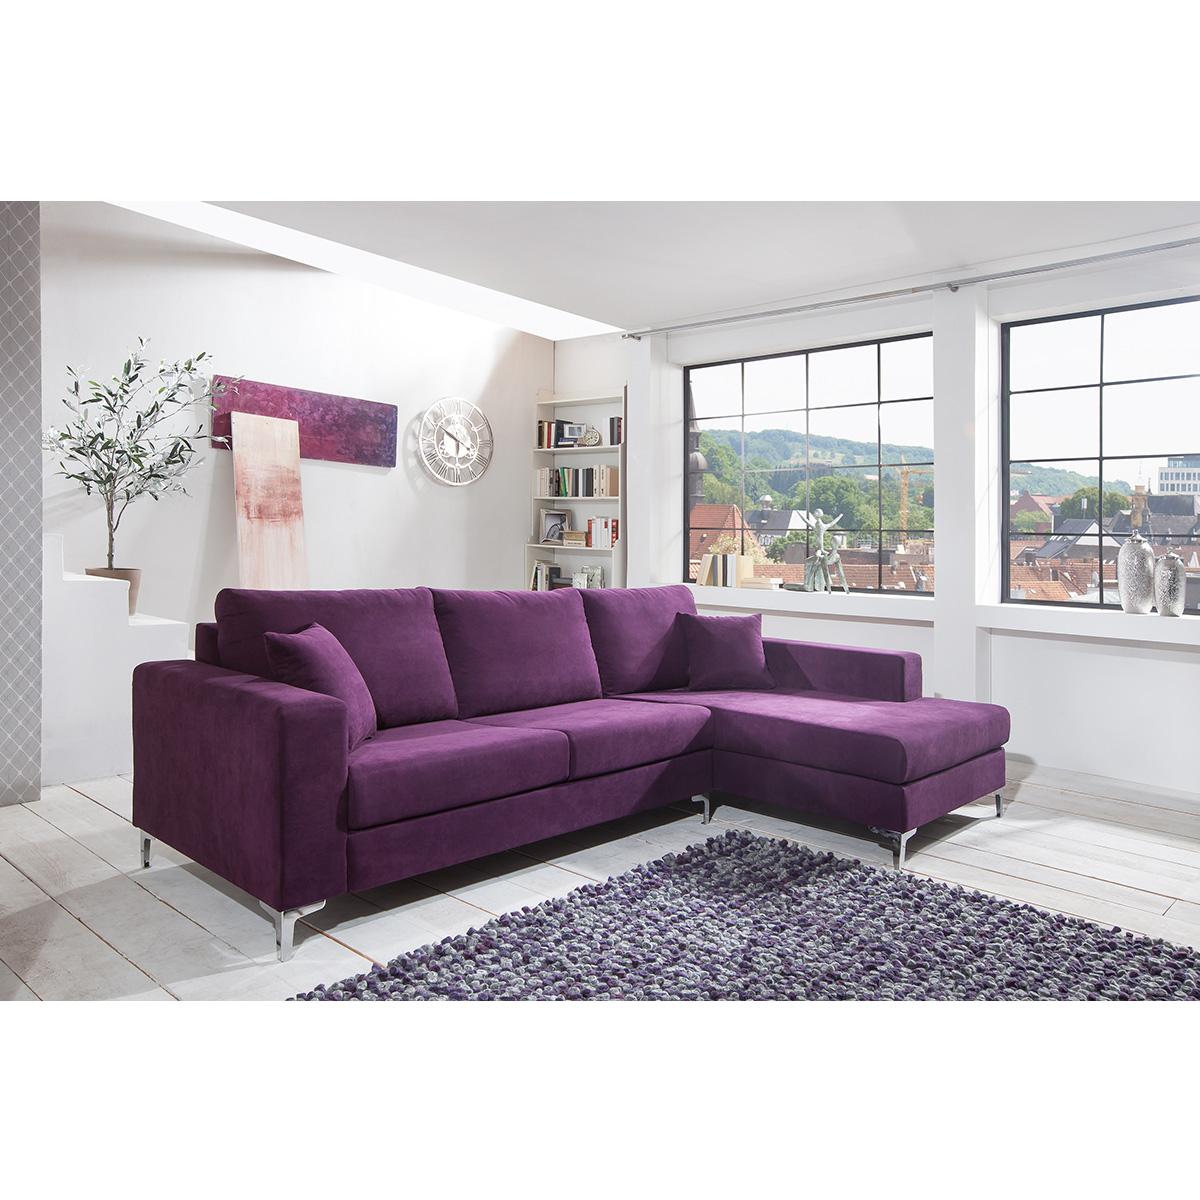 lille polsterecke mit ottomane moebel trend 24. Black Bedroom Furniture Sets. Home Design Ideas